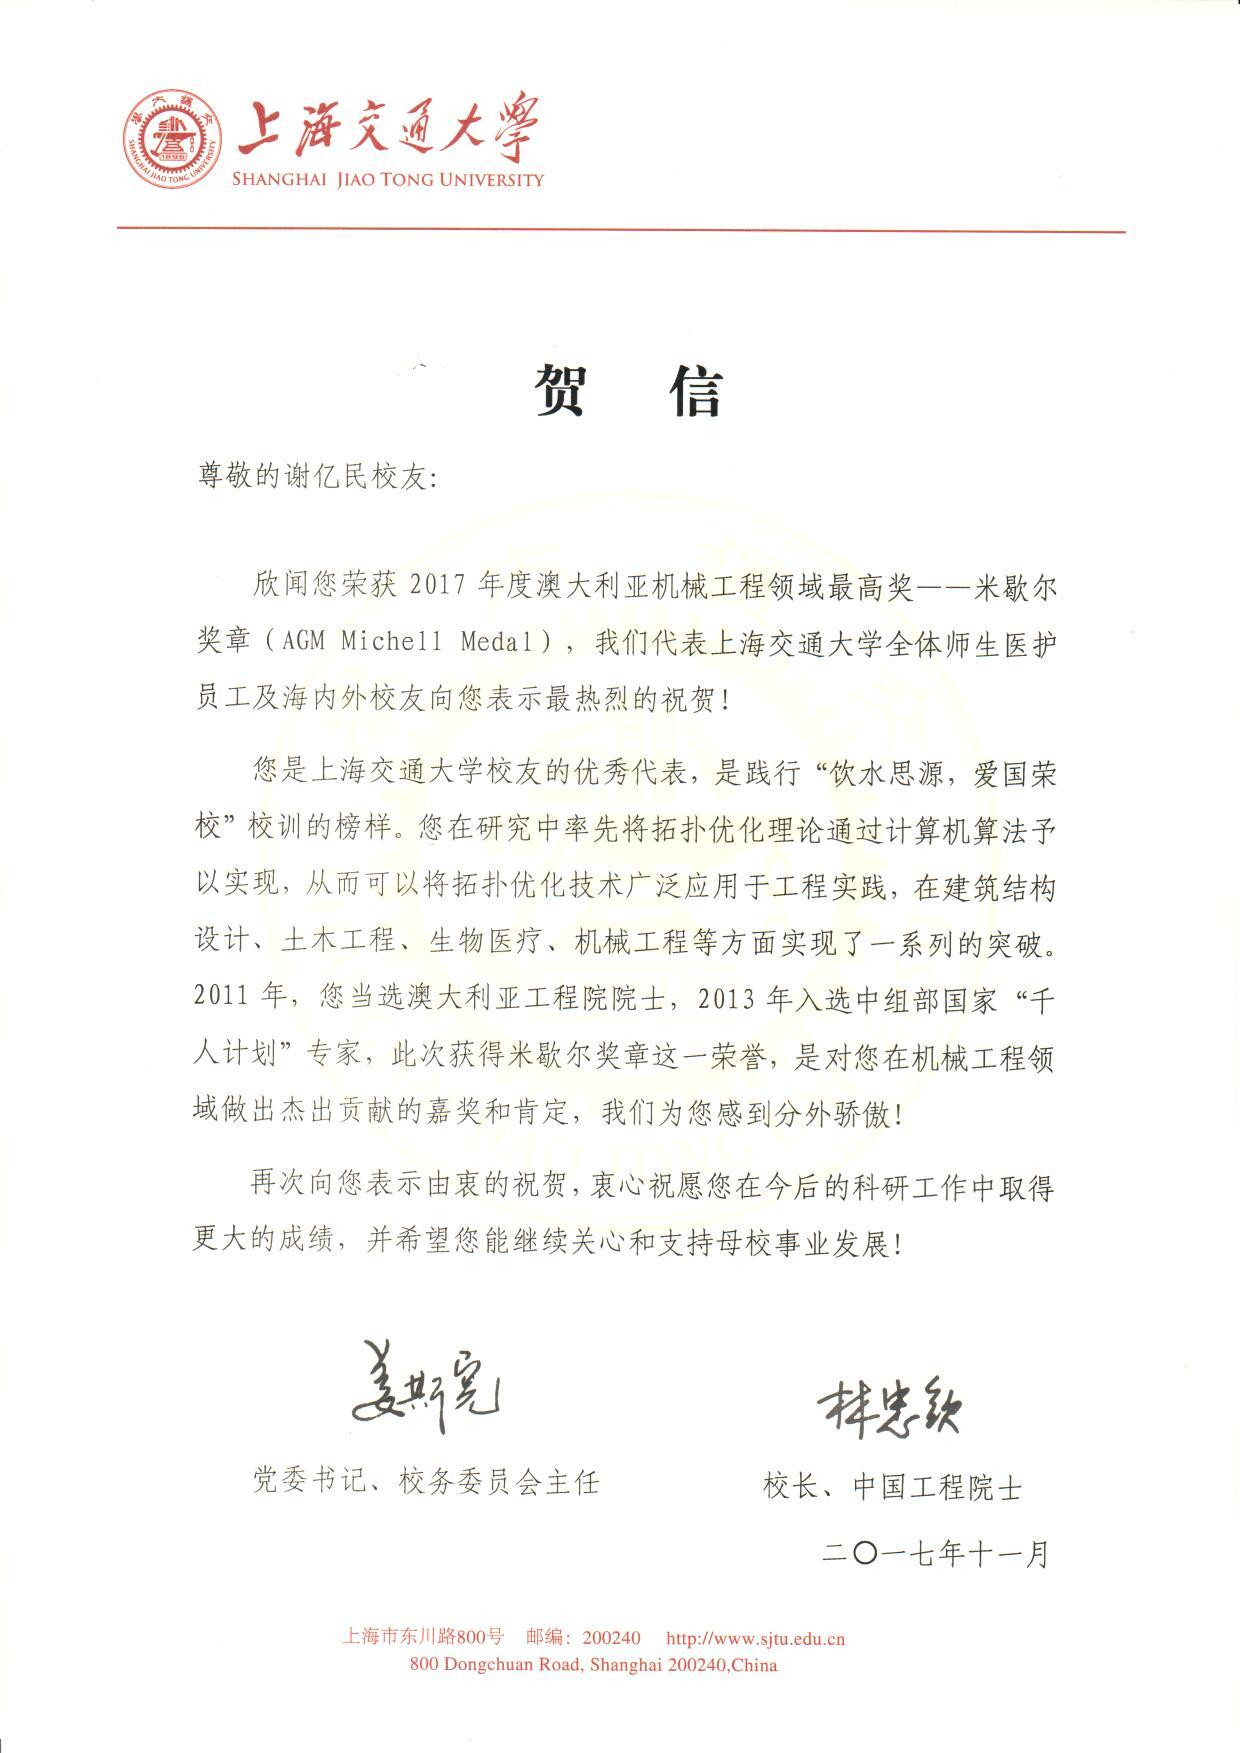 上海交大贺信